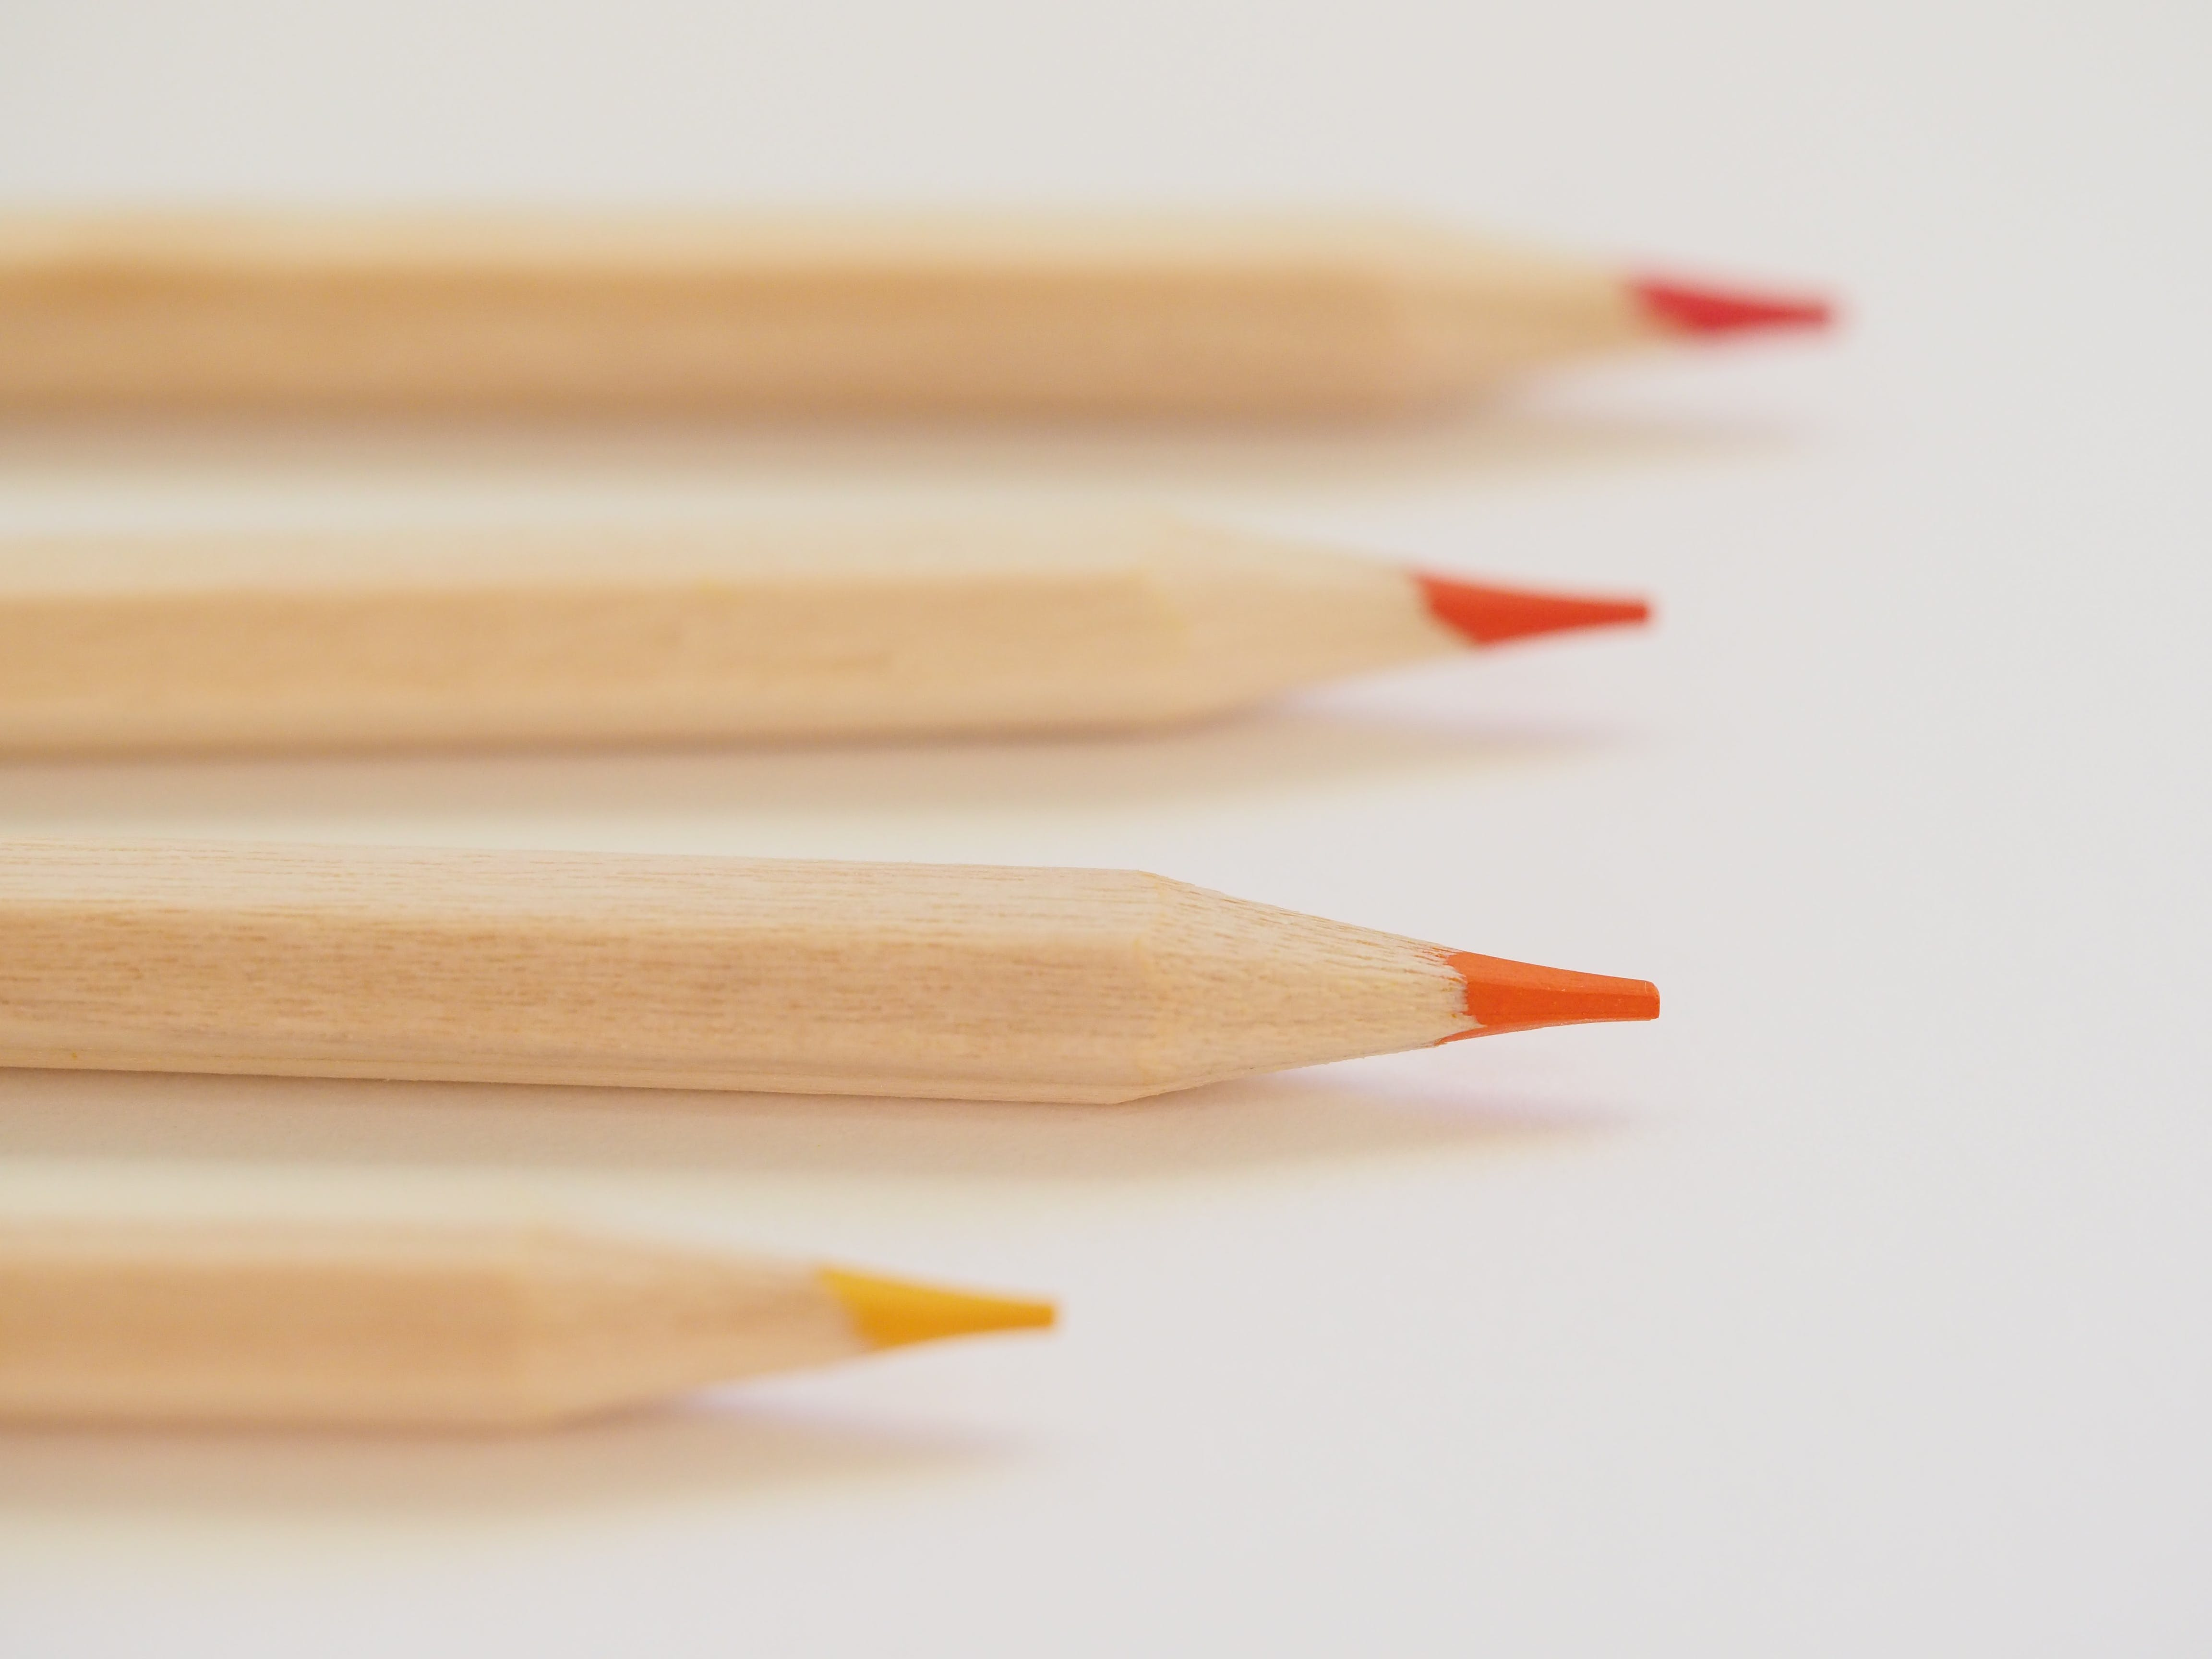 Fotos de stock gratuitas de amarillo, Arte, colores, colores brillantes